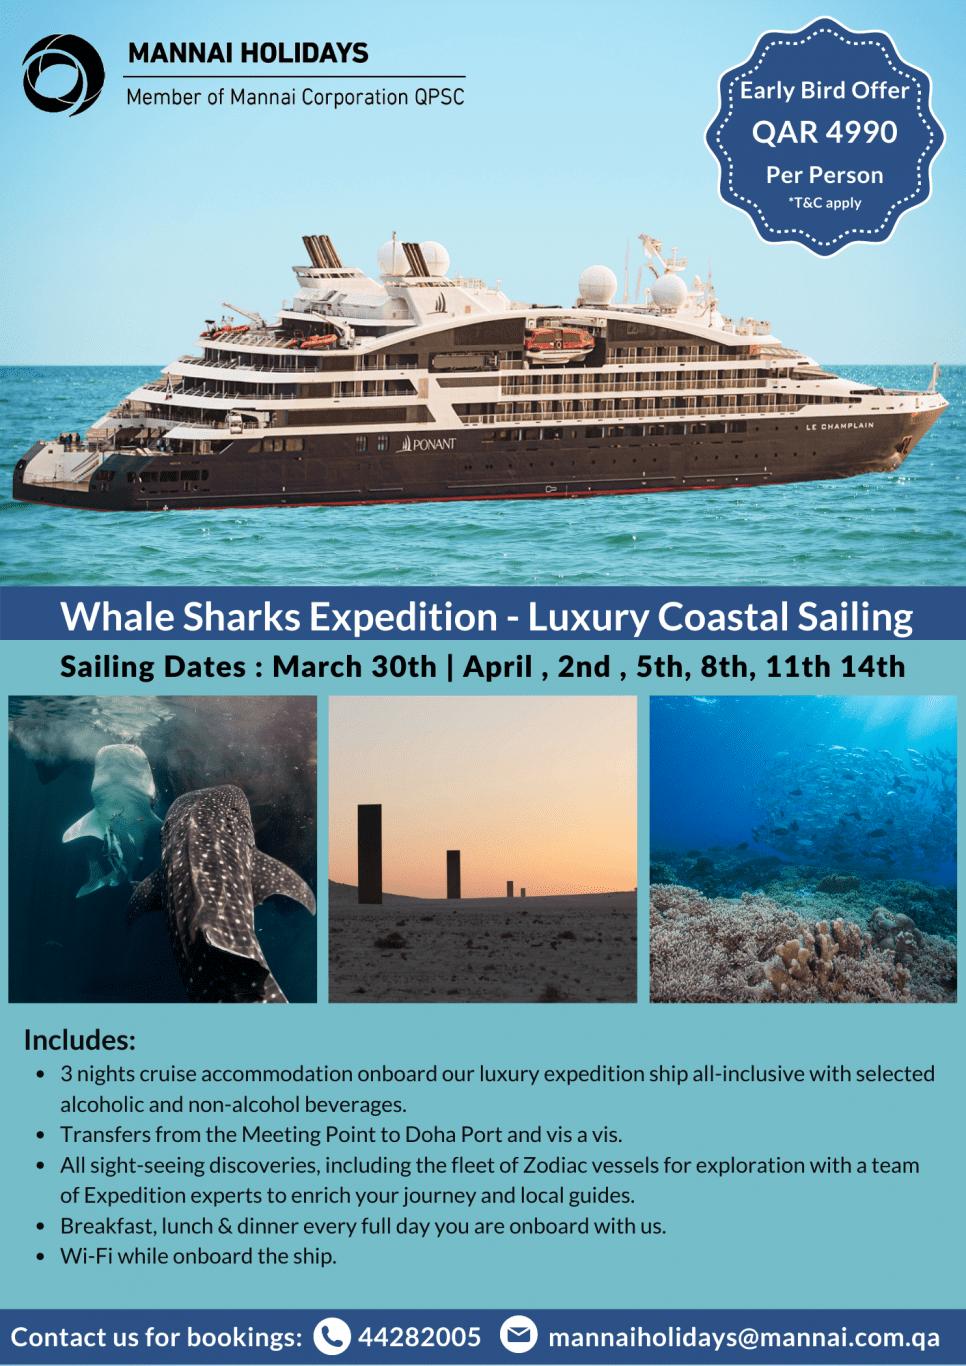 Luxury Coastal Sailing in Qatar